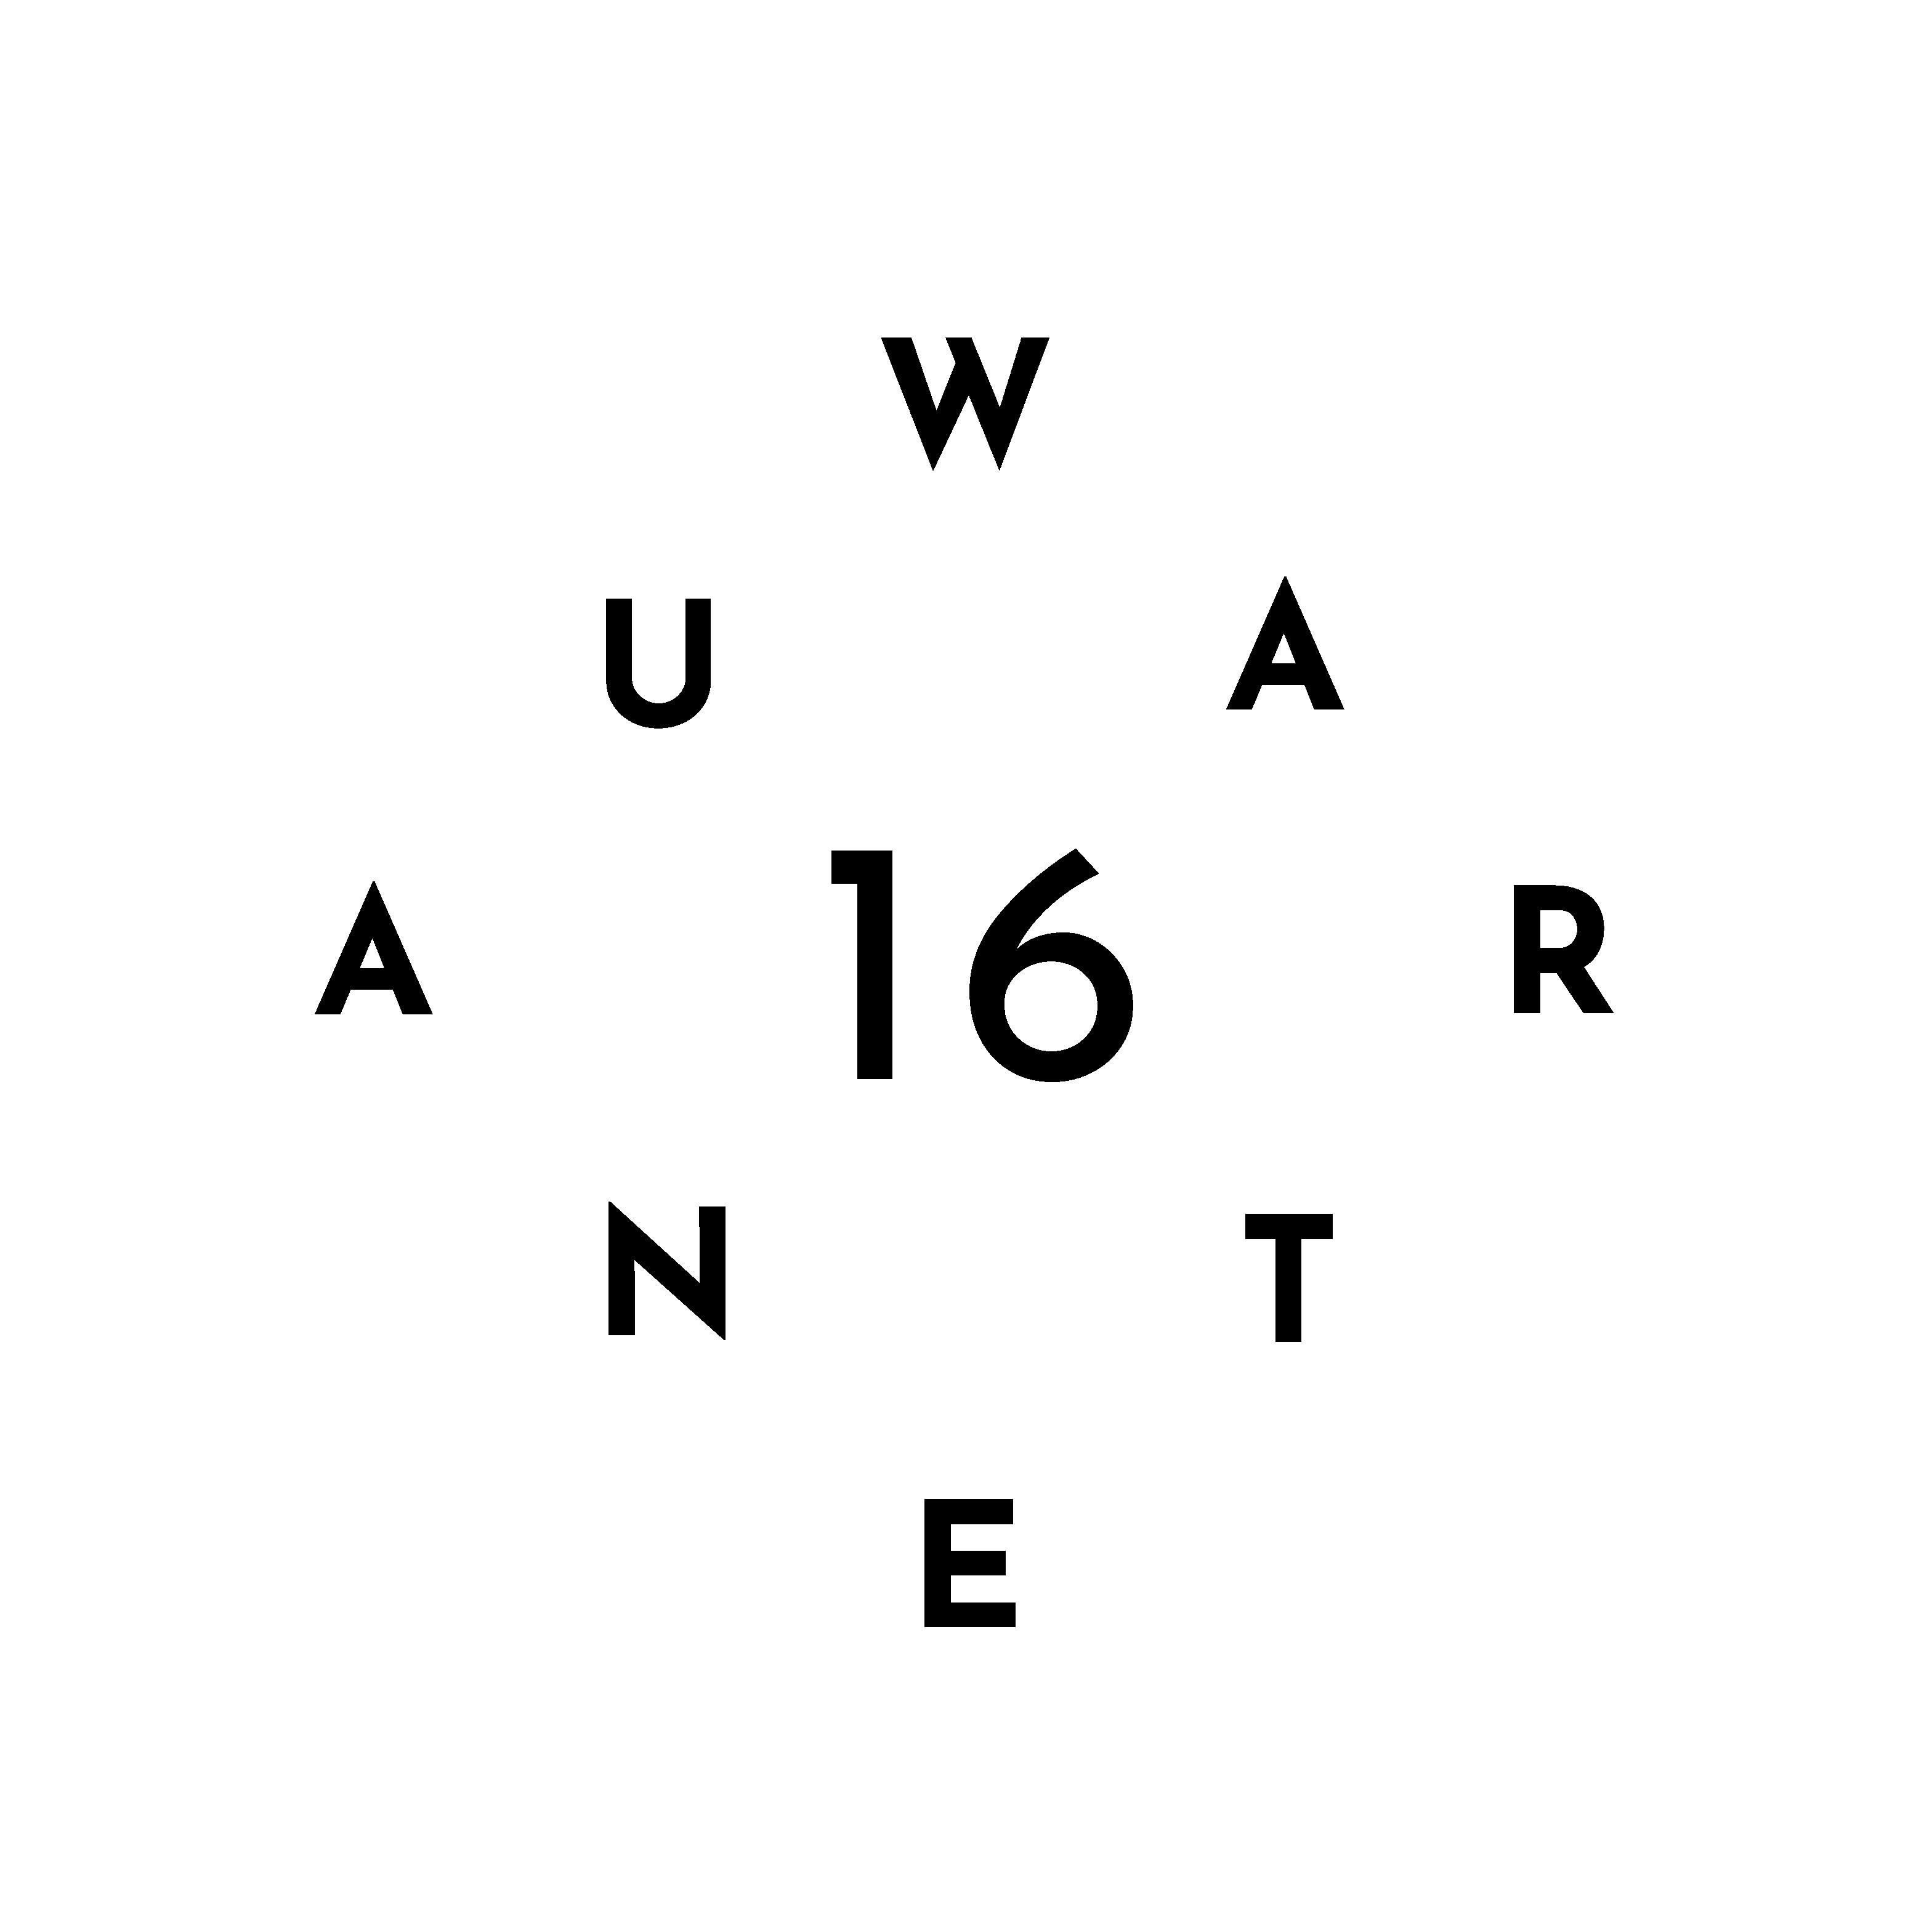 WARTENAU 16